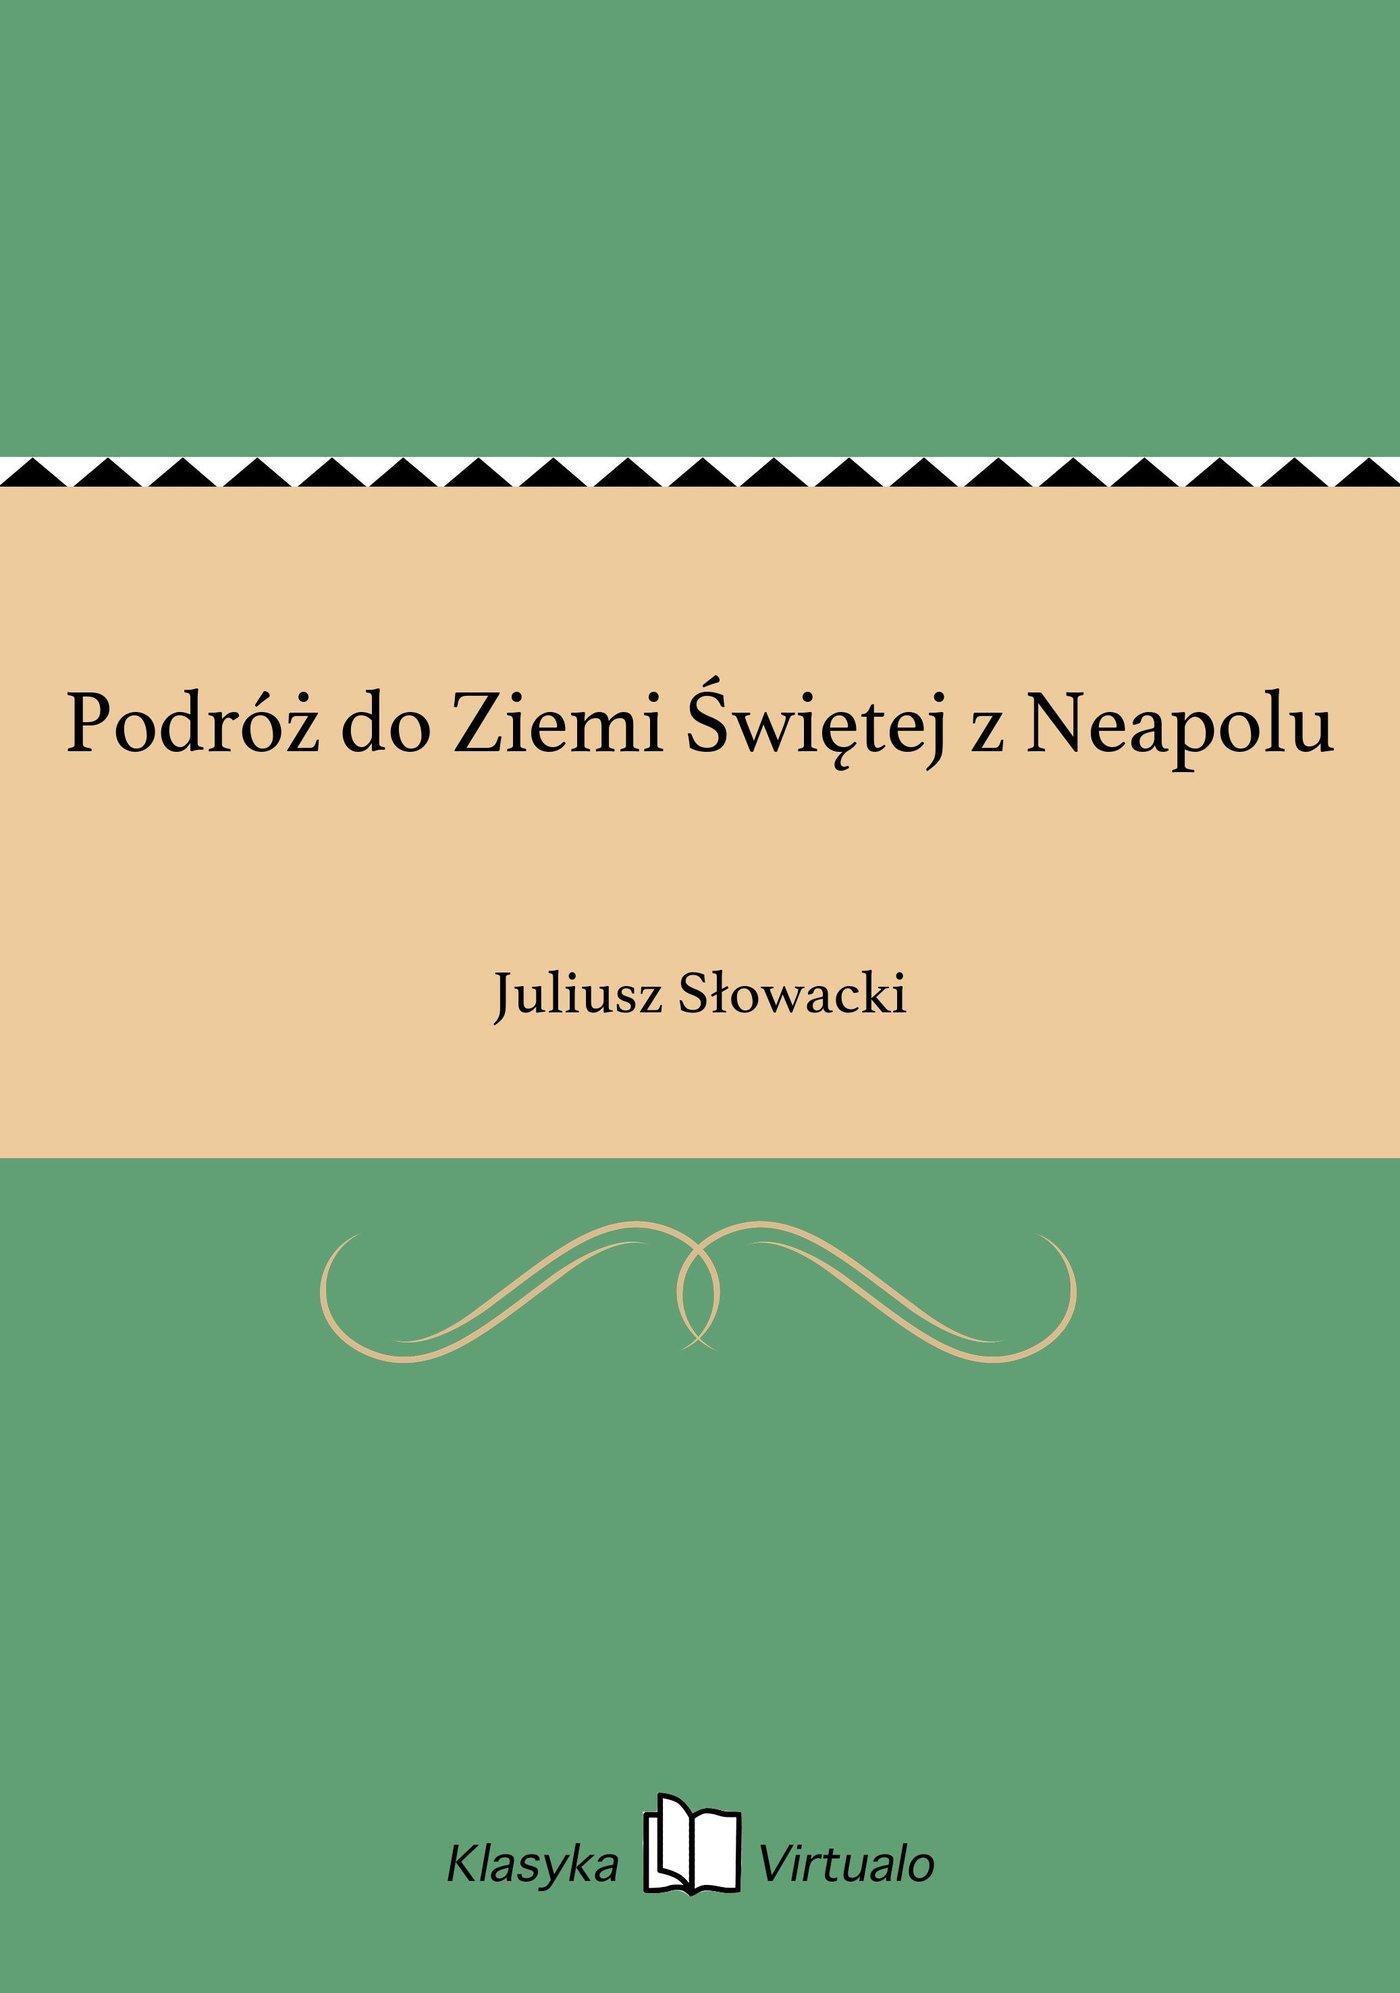 Podróż do Ziemi Świętej z Neapolu - Ebook (Książka EPUB) do pobrania w formacie EPUB